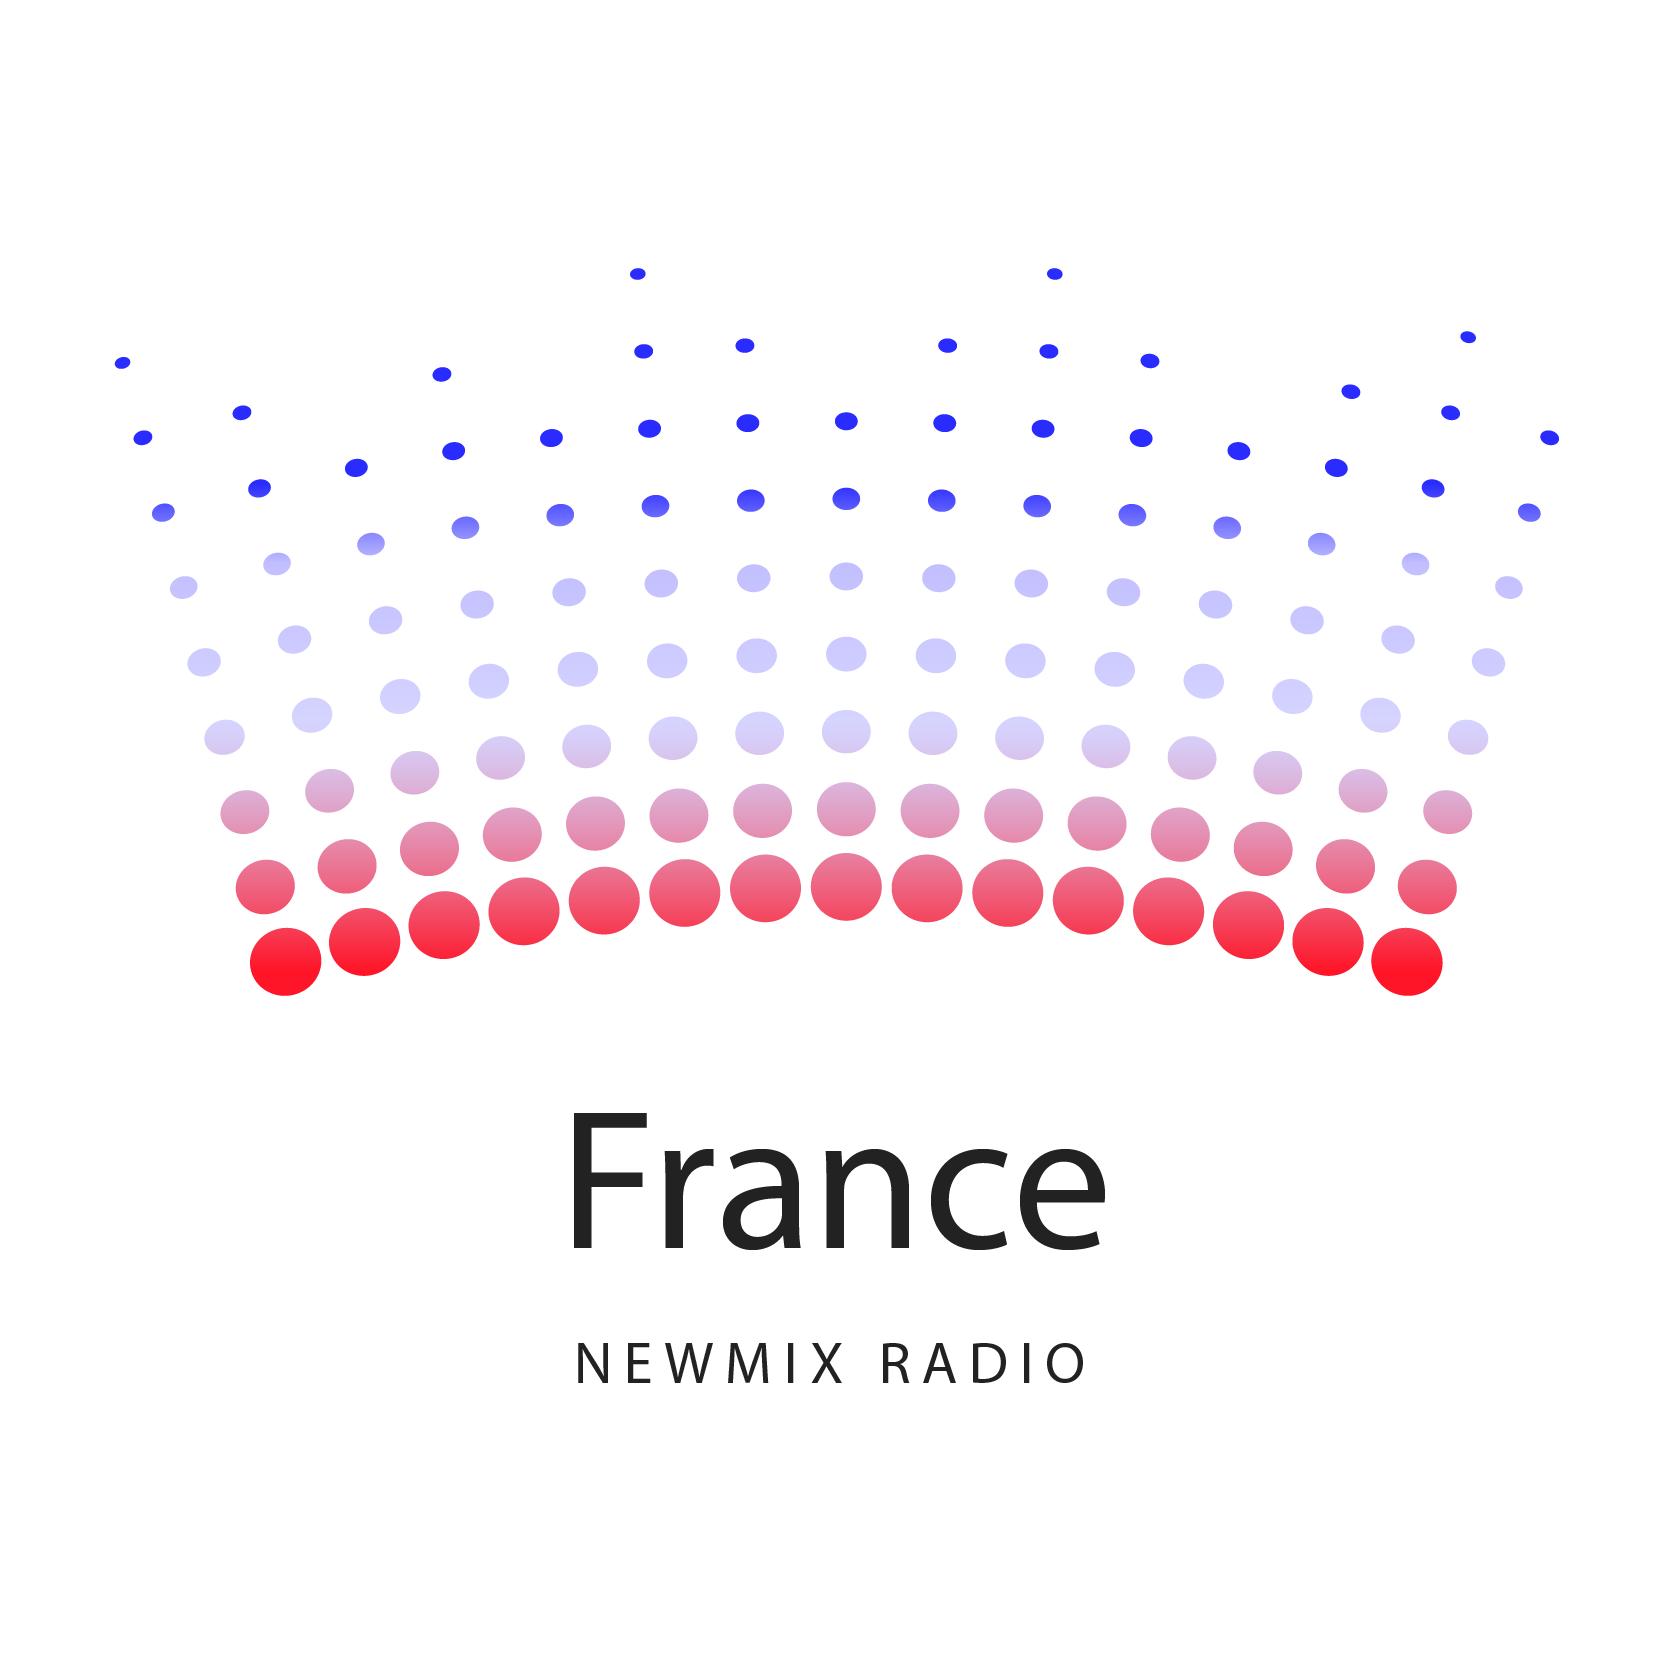 A_A France